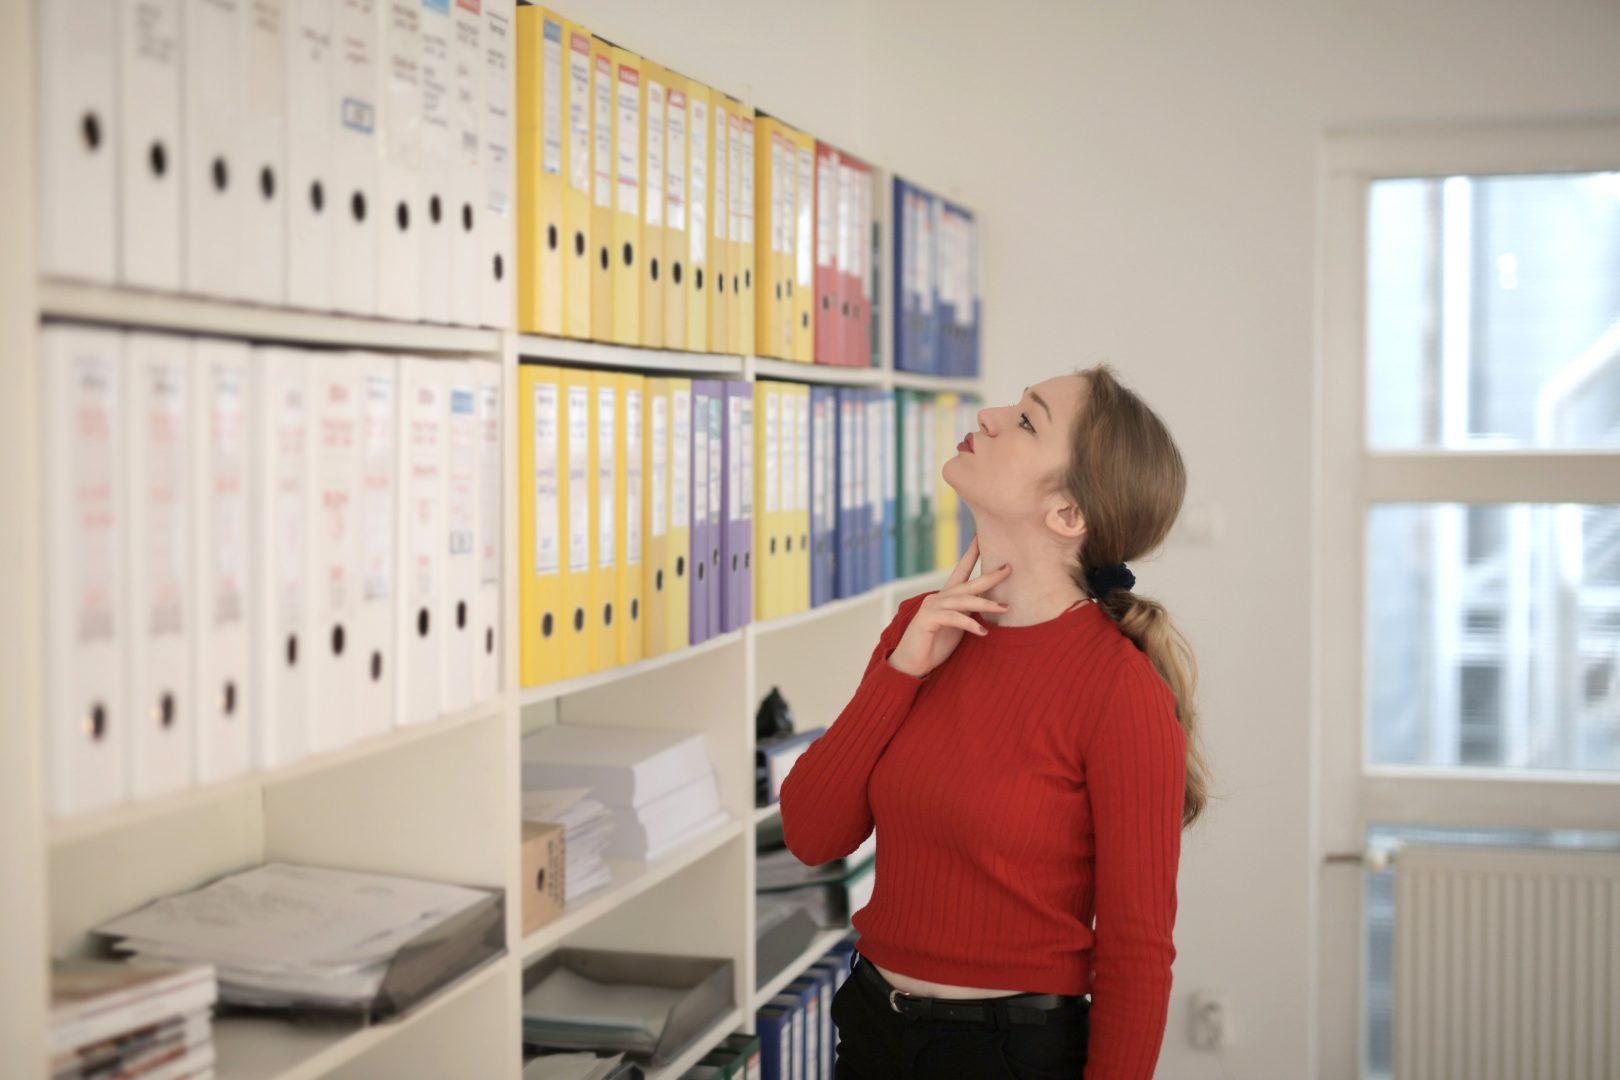 woman-looking-at-files